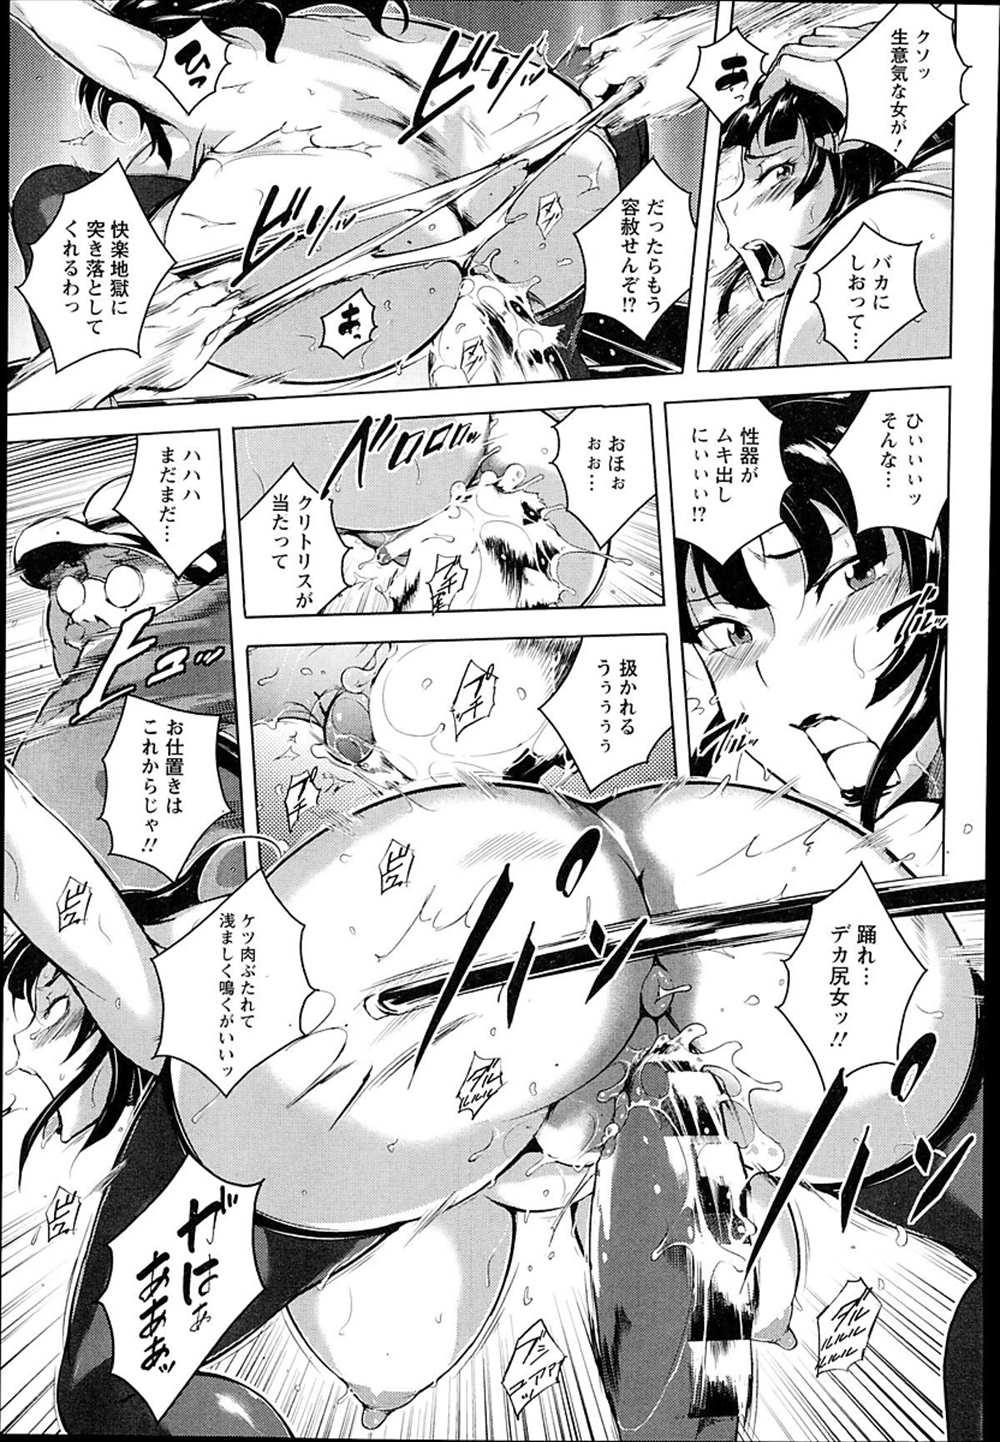 【エロ漫画】盗みを働いた女が機械に拘束されて二穴ファックお仕置きレイプwww